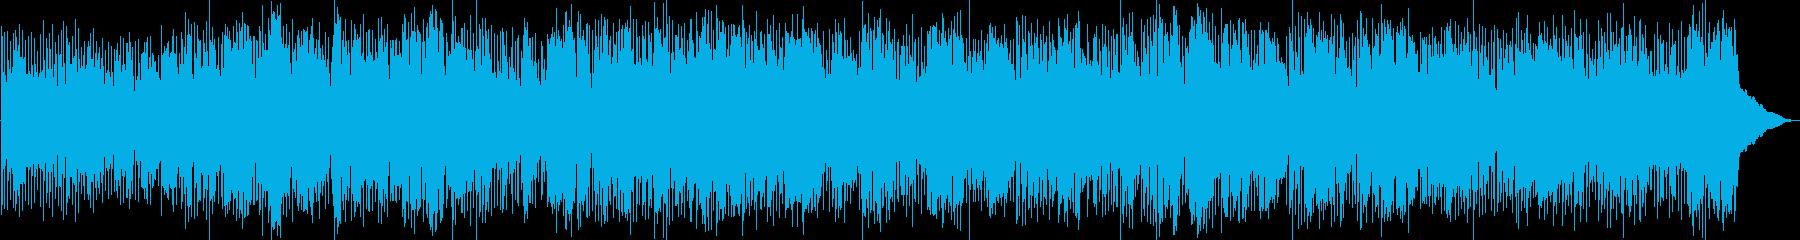 コロナ渦の時代を振り返る時、独り言R&Bの再生済みの波形